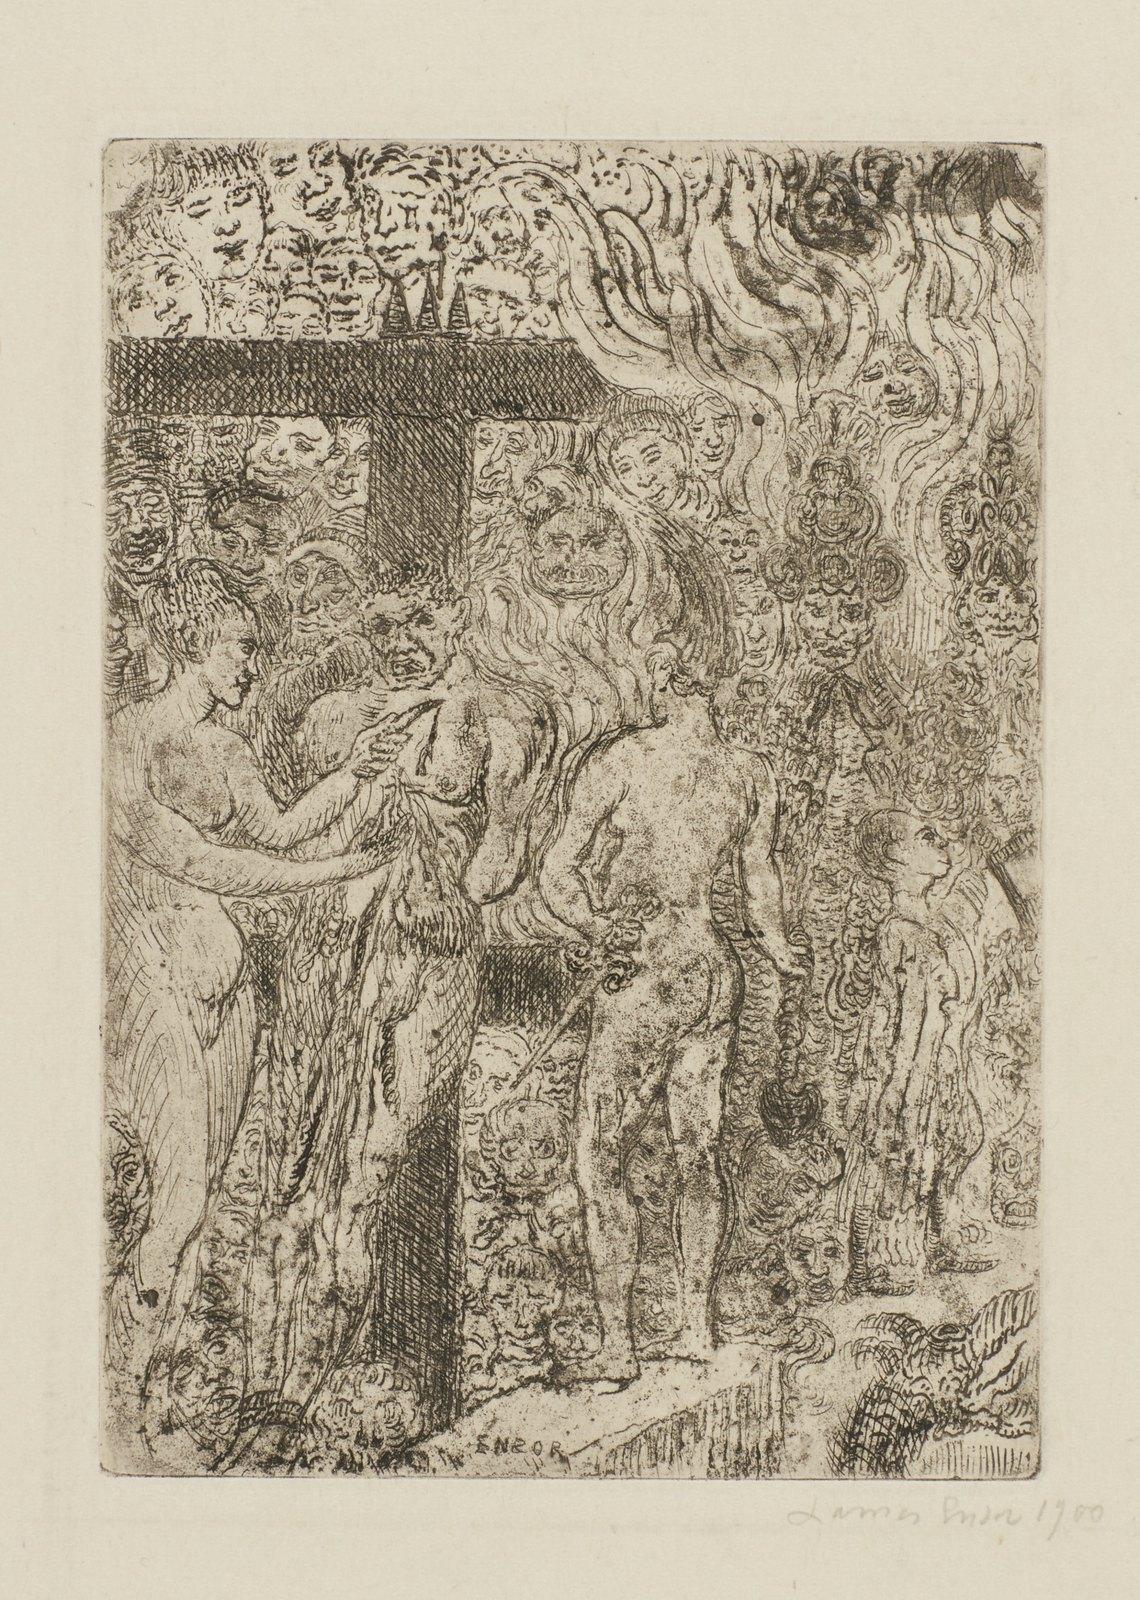 James Ensor - Queen Parysatis, 1899